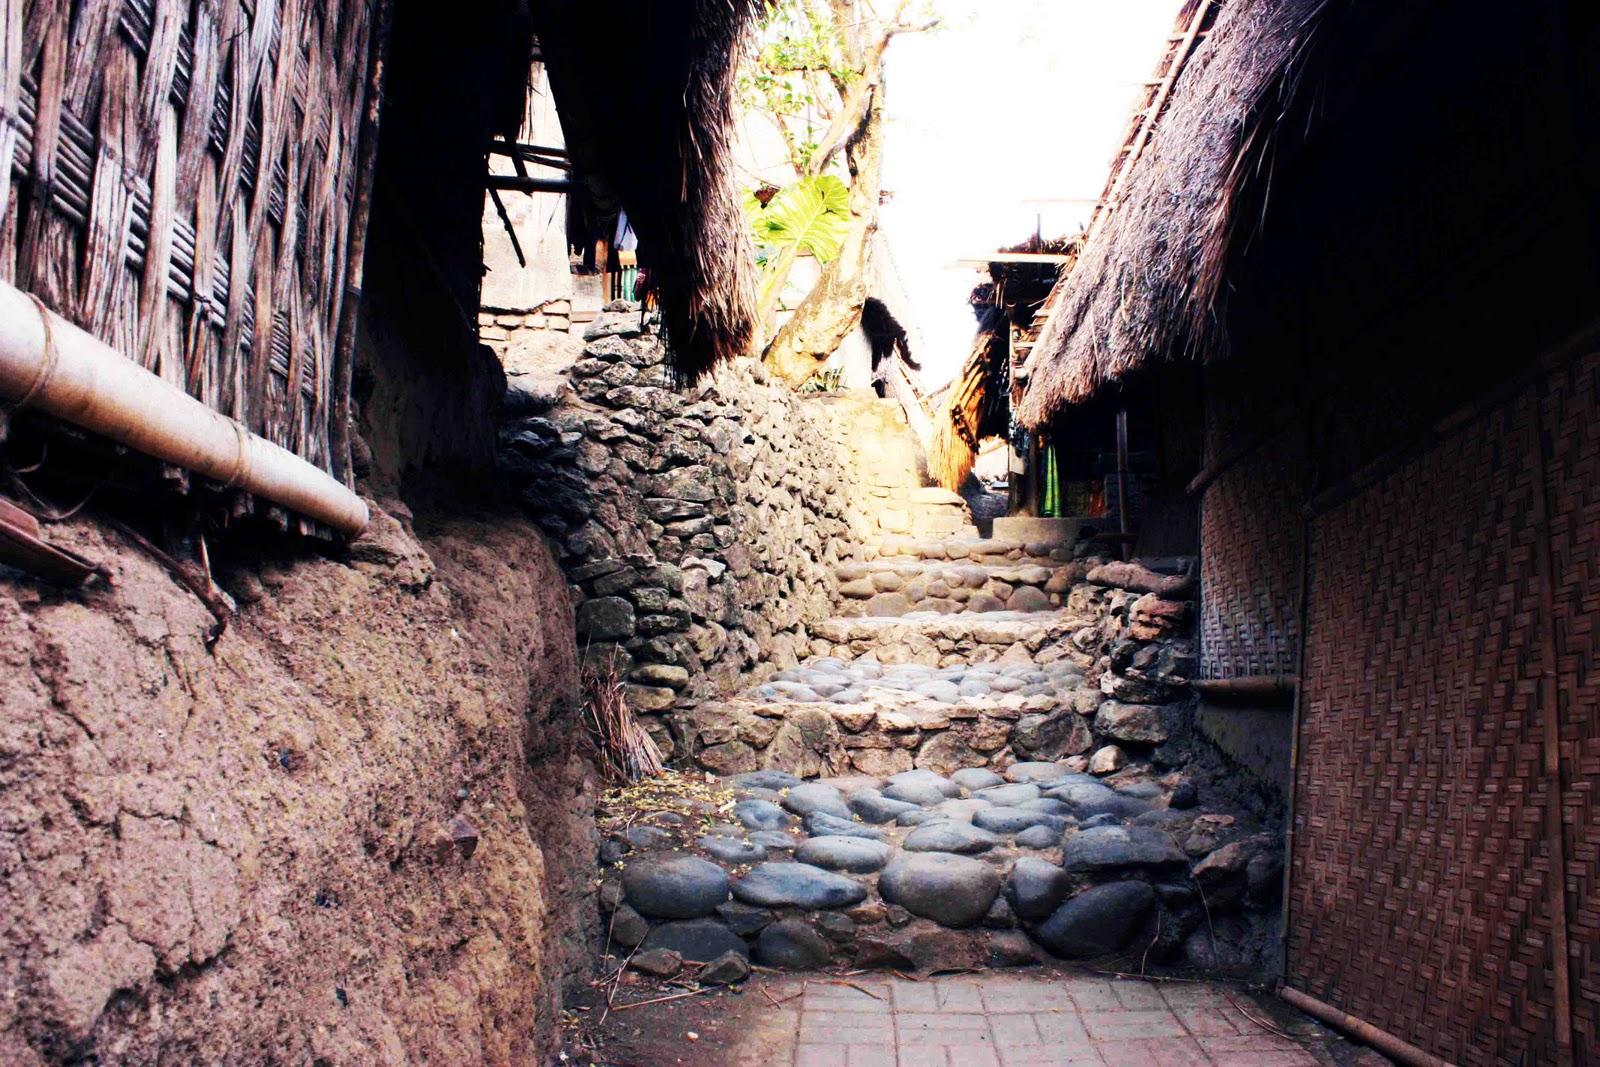 Dari Desa ke Desa #1 (Desa Sade, Desa-nya Penculikan)